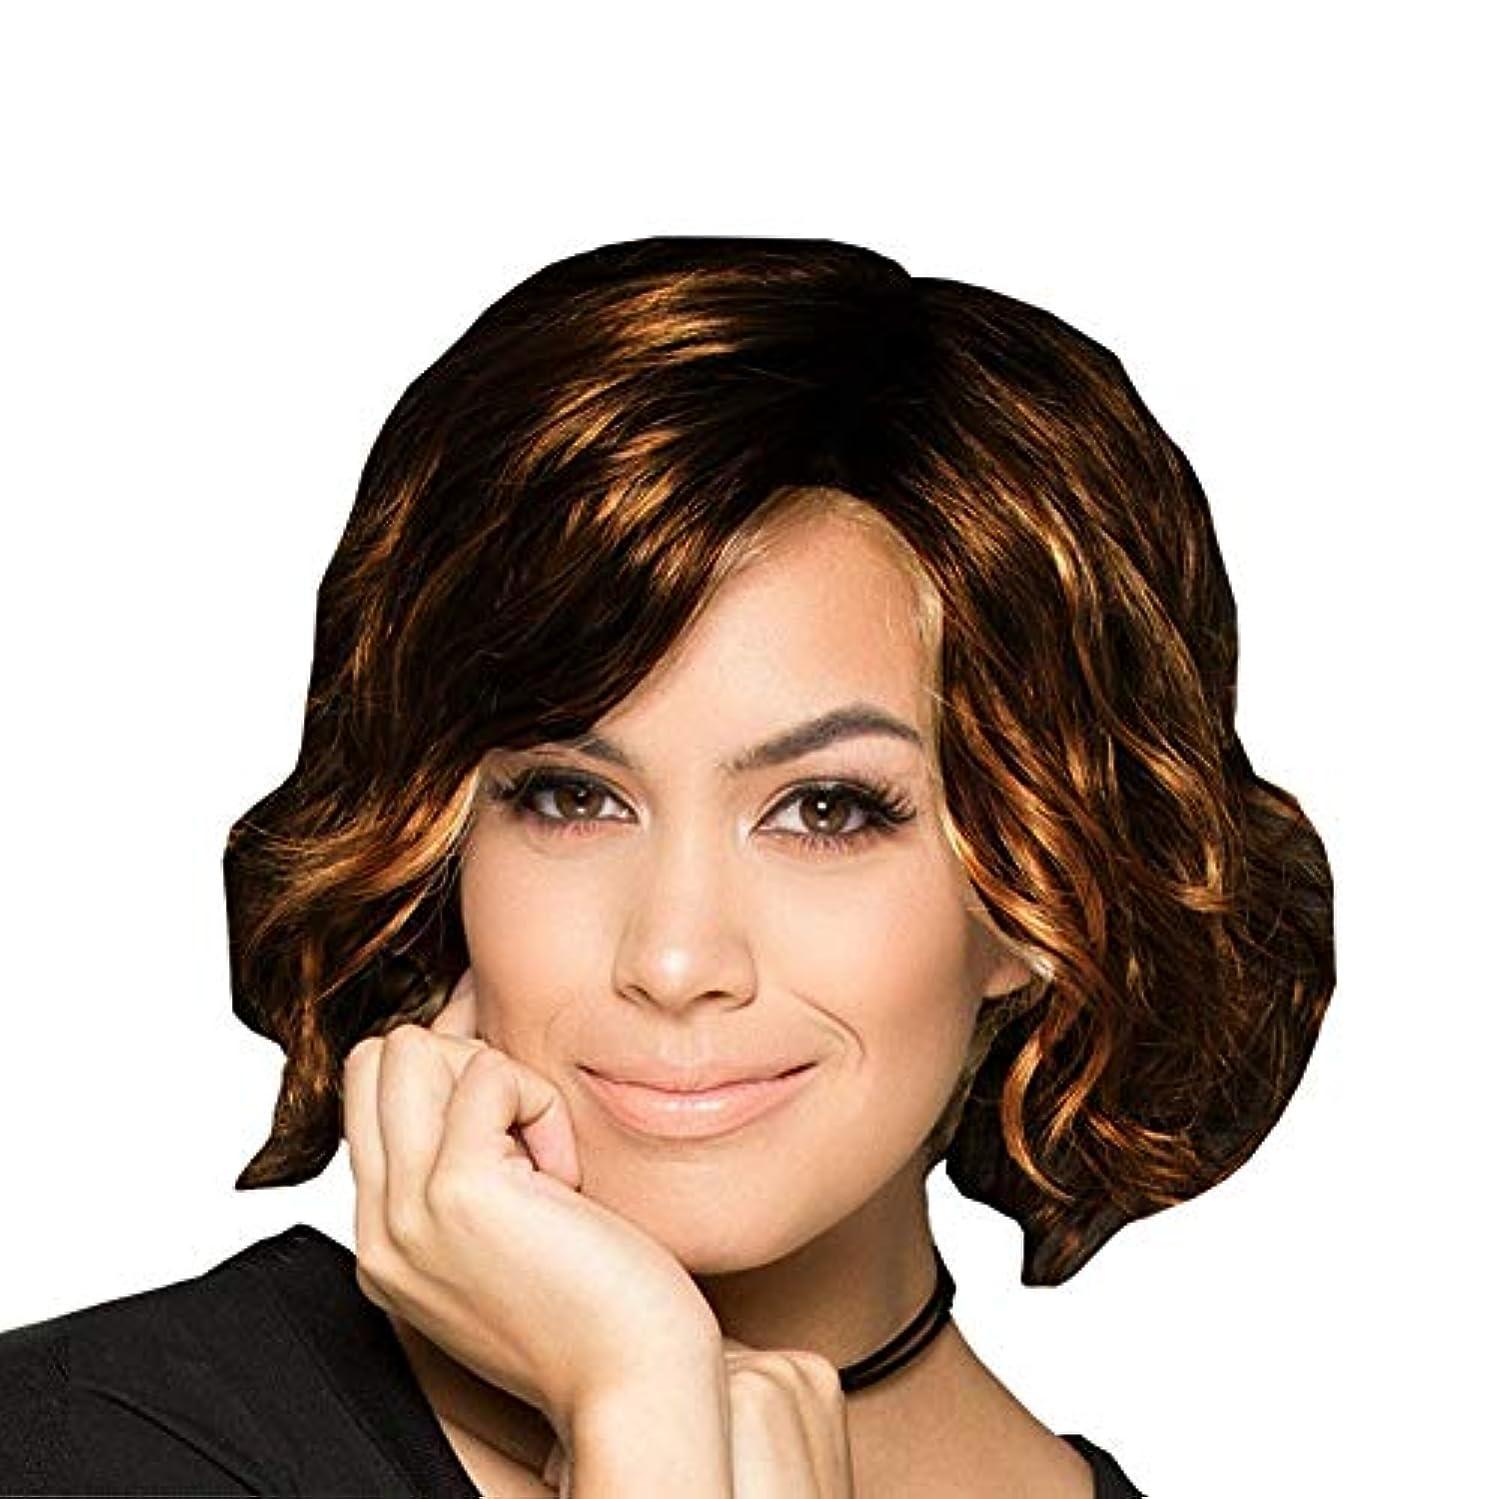 電球オリエント埋め込むWASAIO 女性のショートカーリーウィッグブロンドの髪ショートボブウィッグ (色 : B)